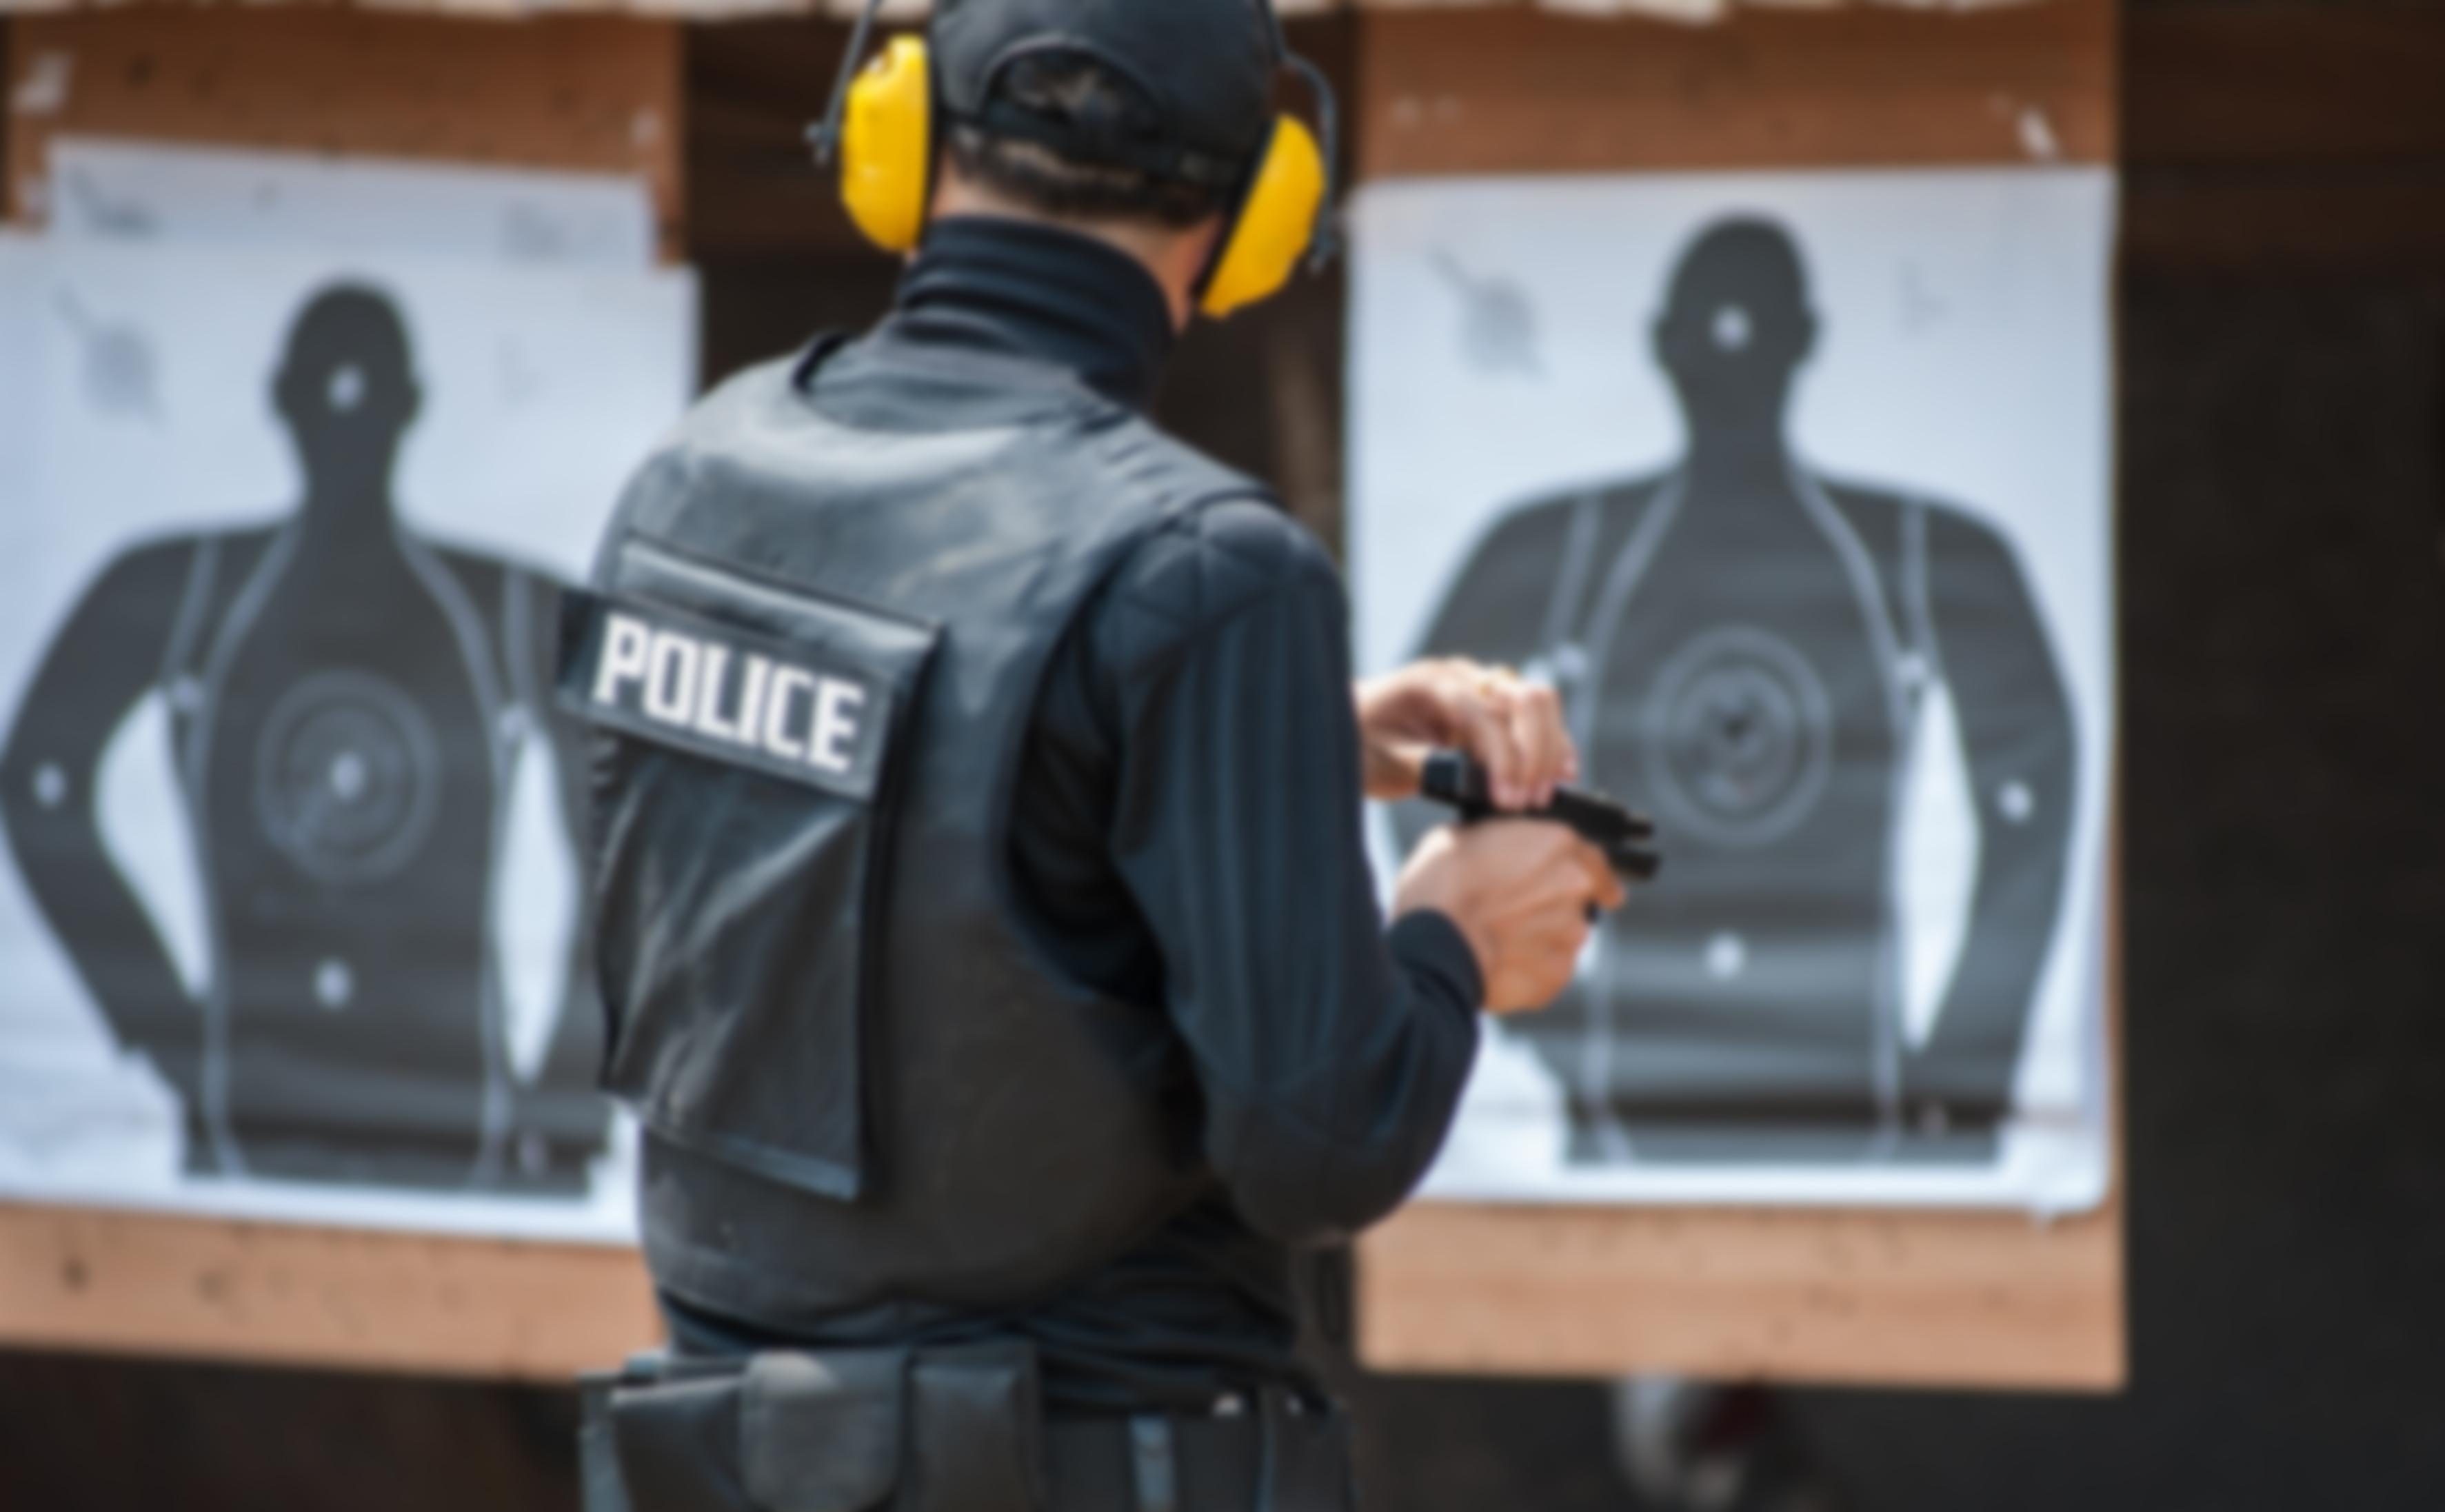 Strzelanie z pistoletu do tarcz sylwetkowych